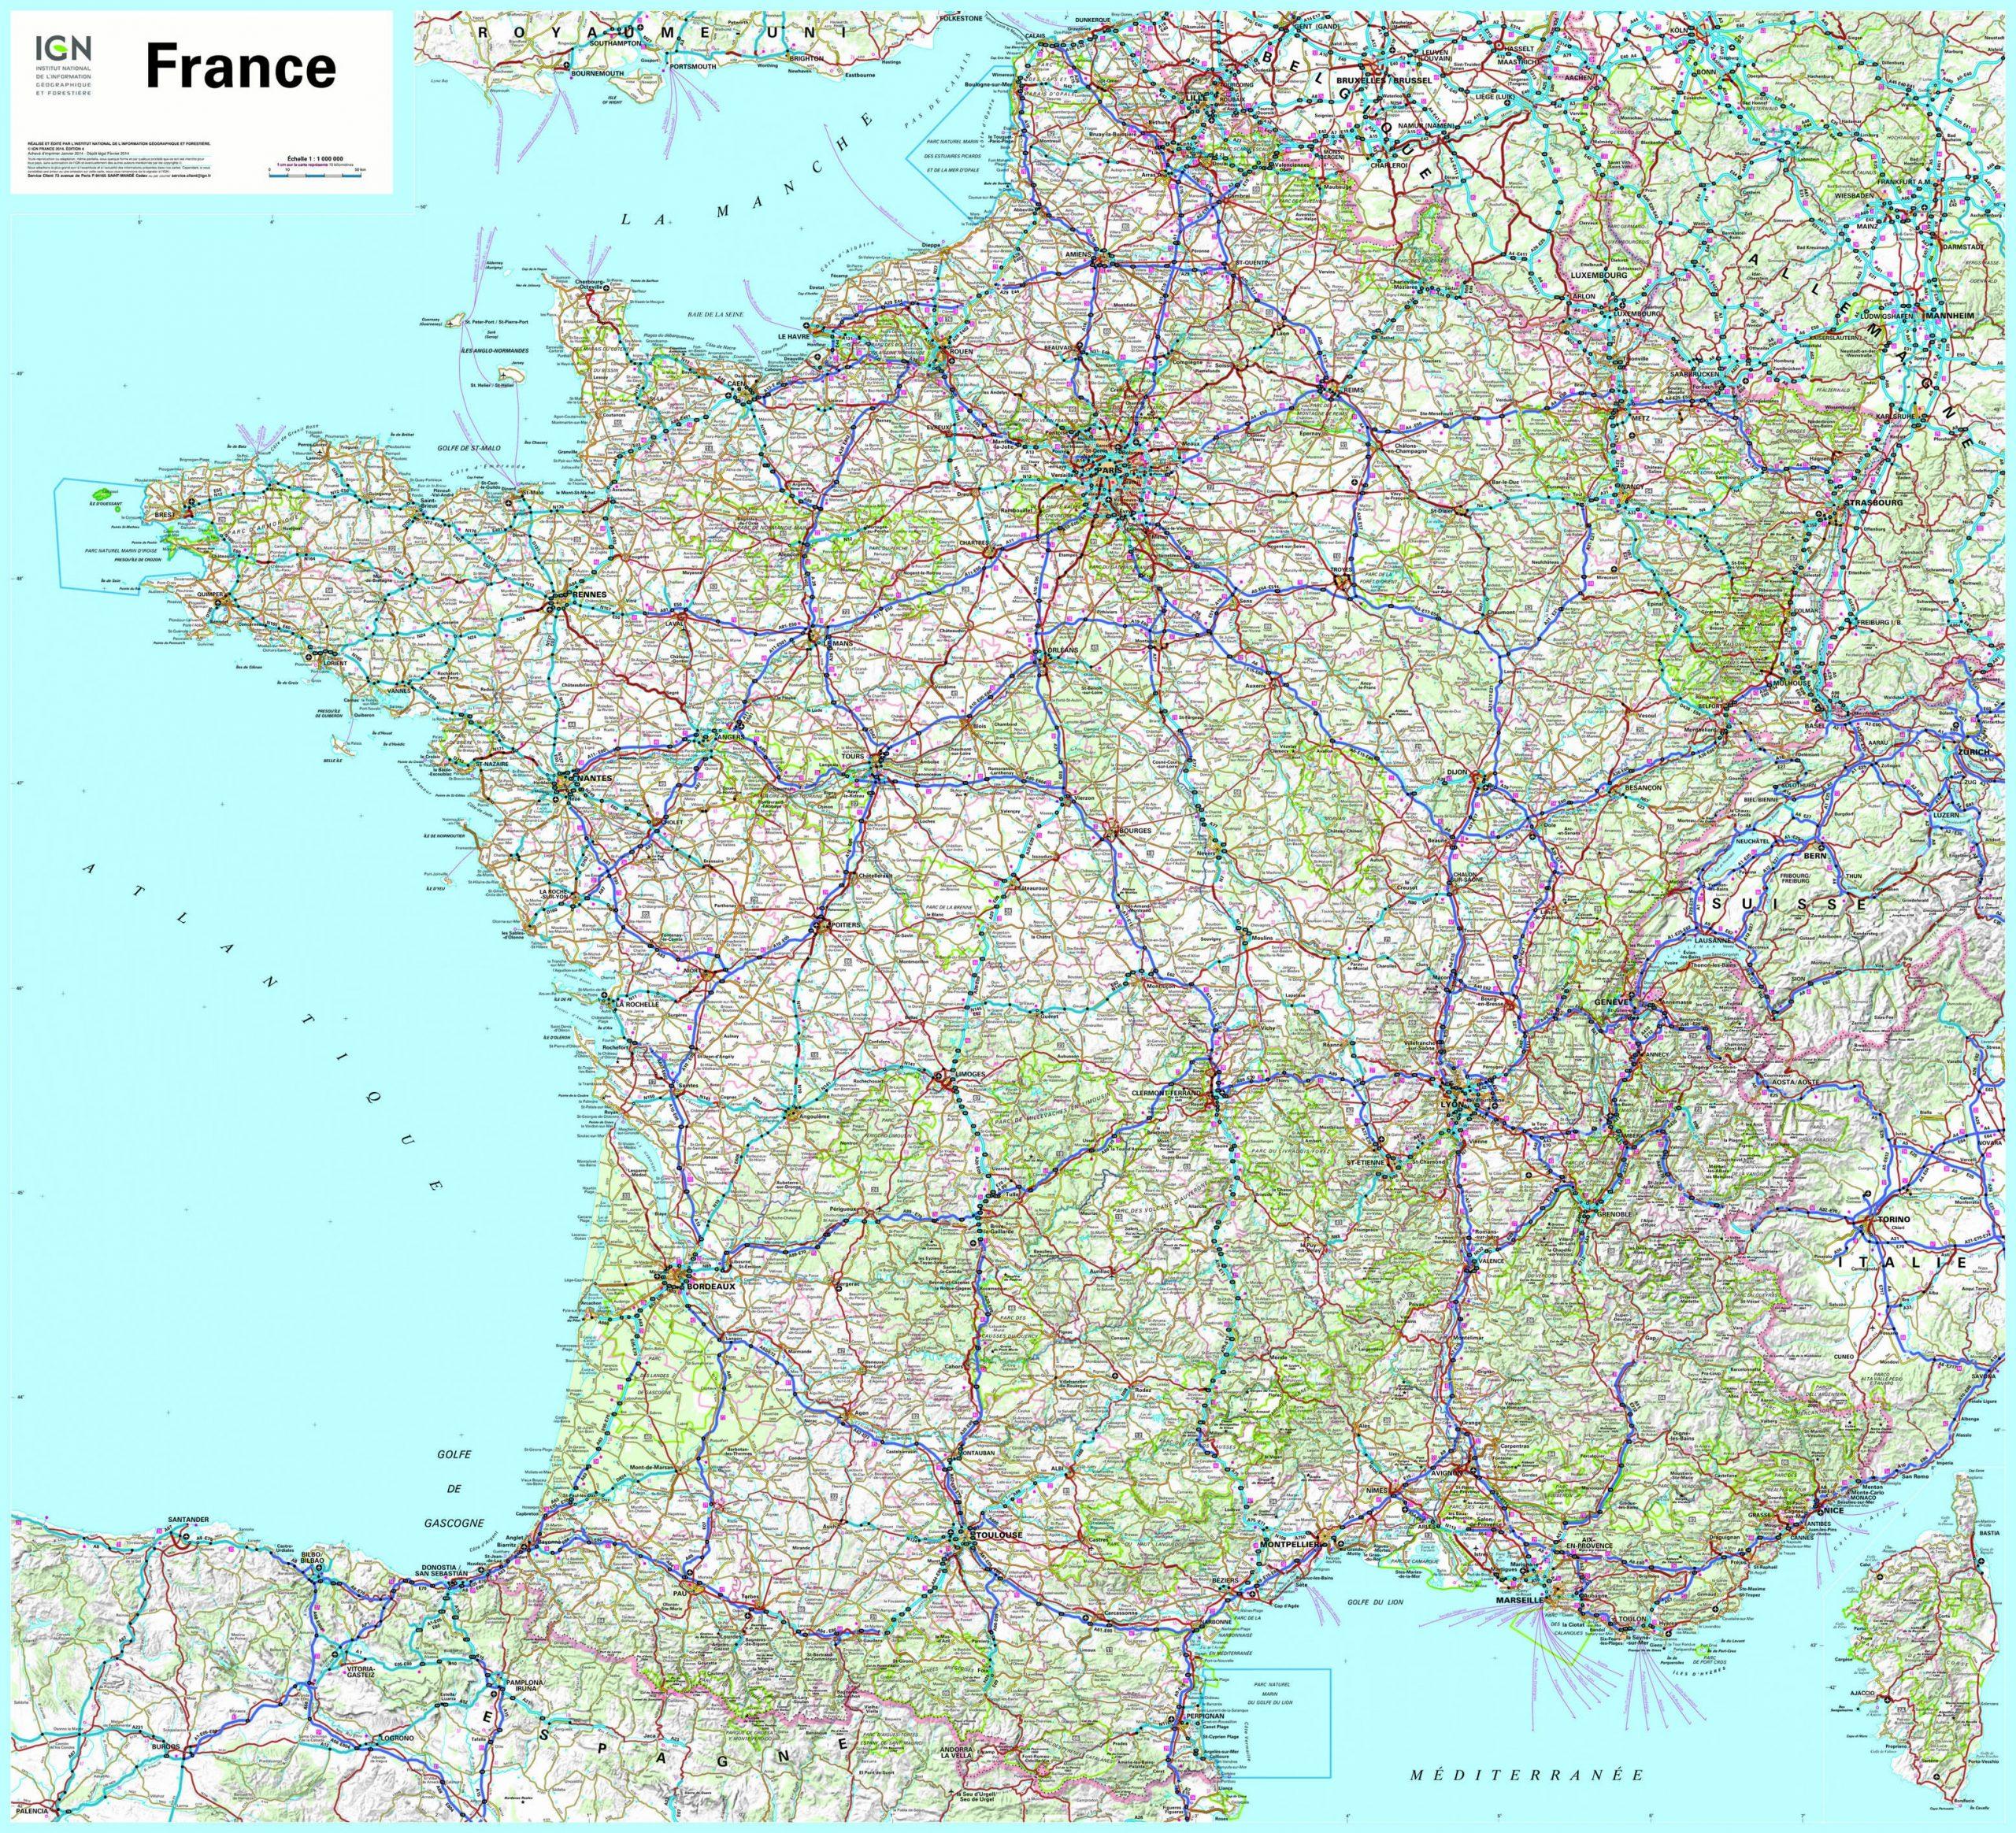 Carte De France Détaillée Ign | My Blog dedans Carte Du Sud Est De La France Détaillée